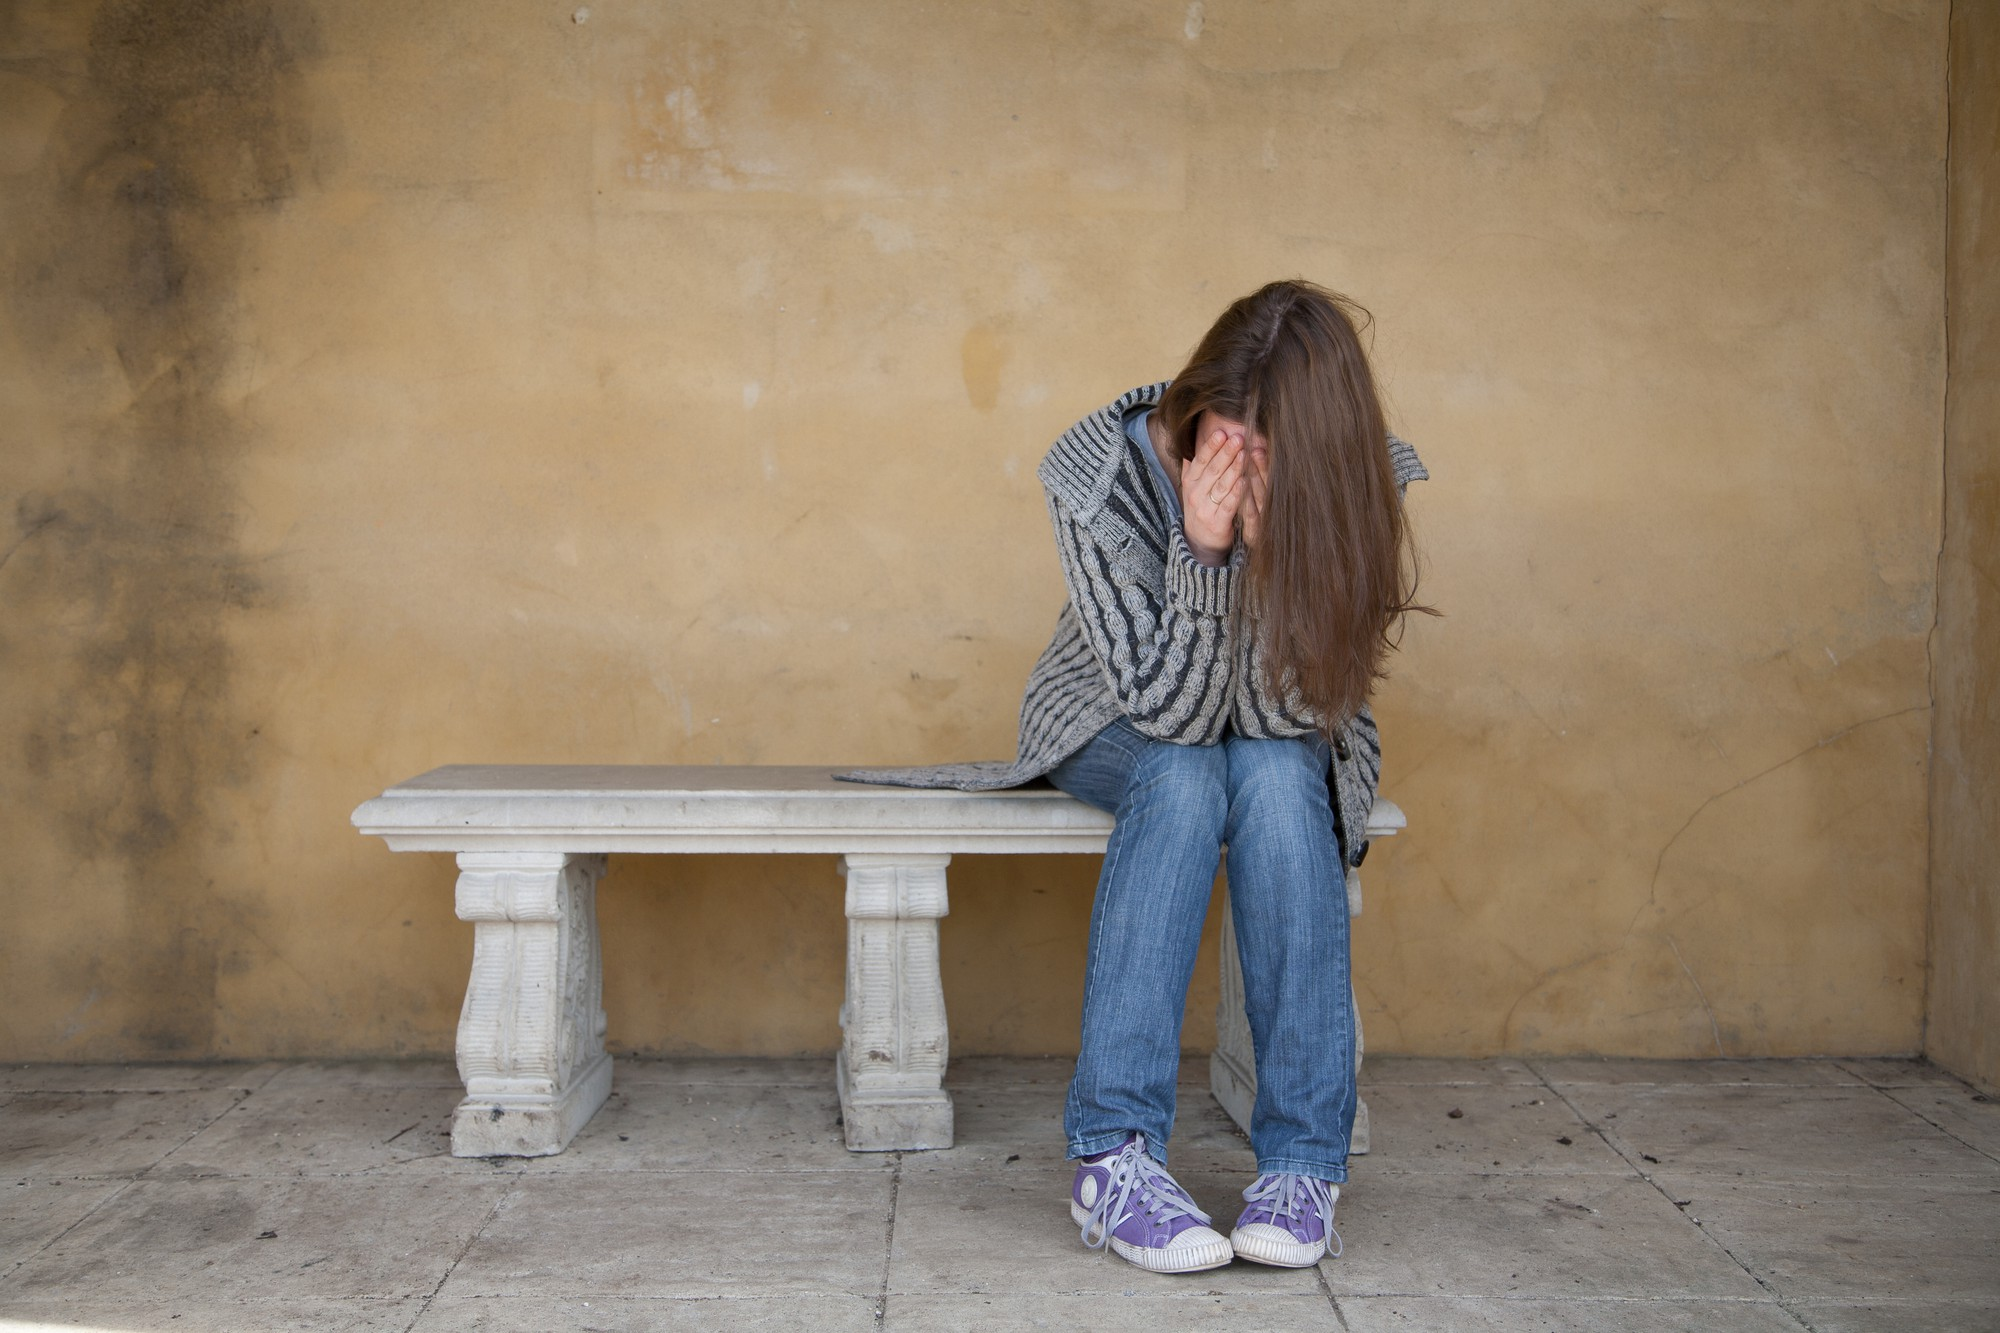 Con gái nên cẩn thận với những yếu tố này vì có thể là dấu hiệu của bệnh vô sinh - Ảnh 6.